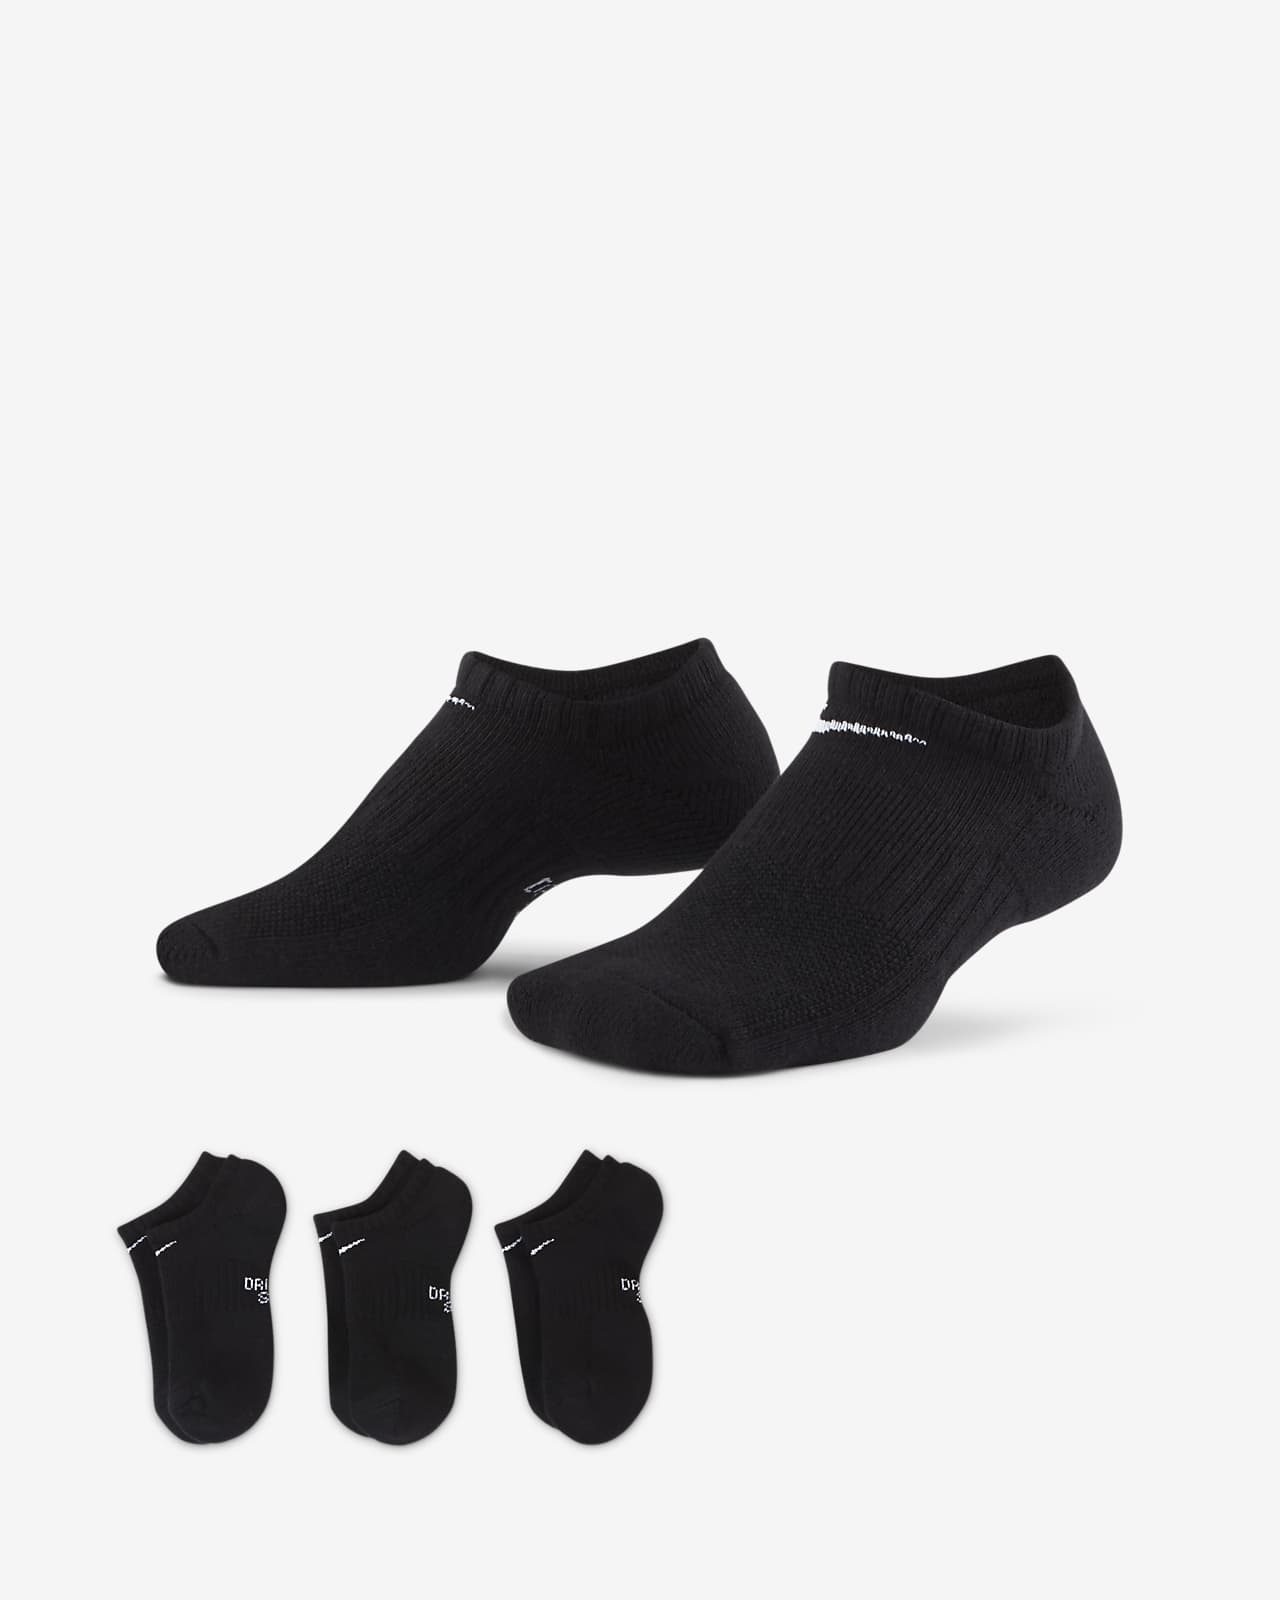 Chaussettes invisibles avec amorti Nike Everyday pour Enfant plus âgé (3 paires)